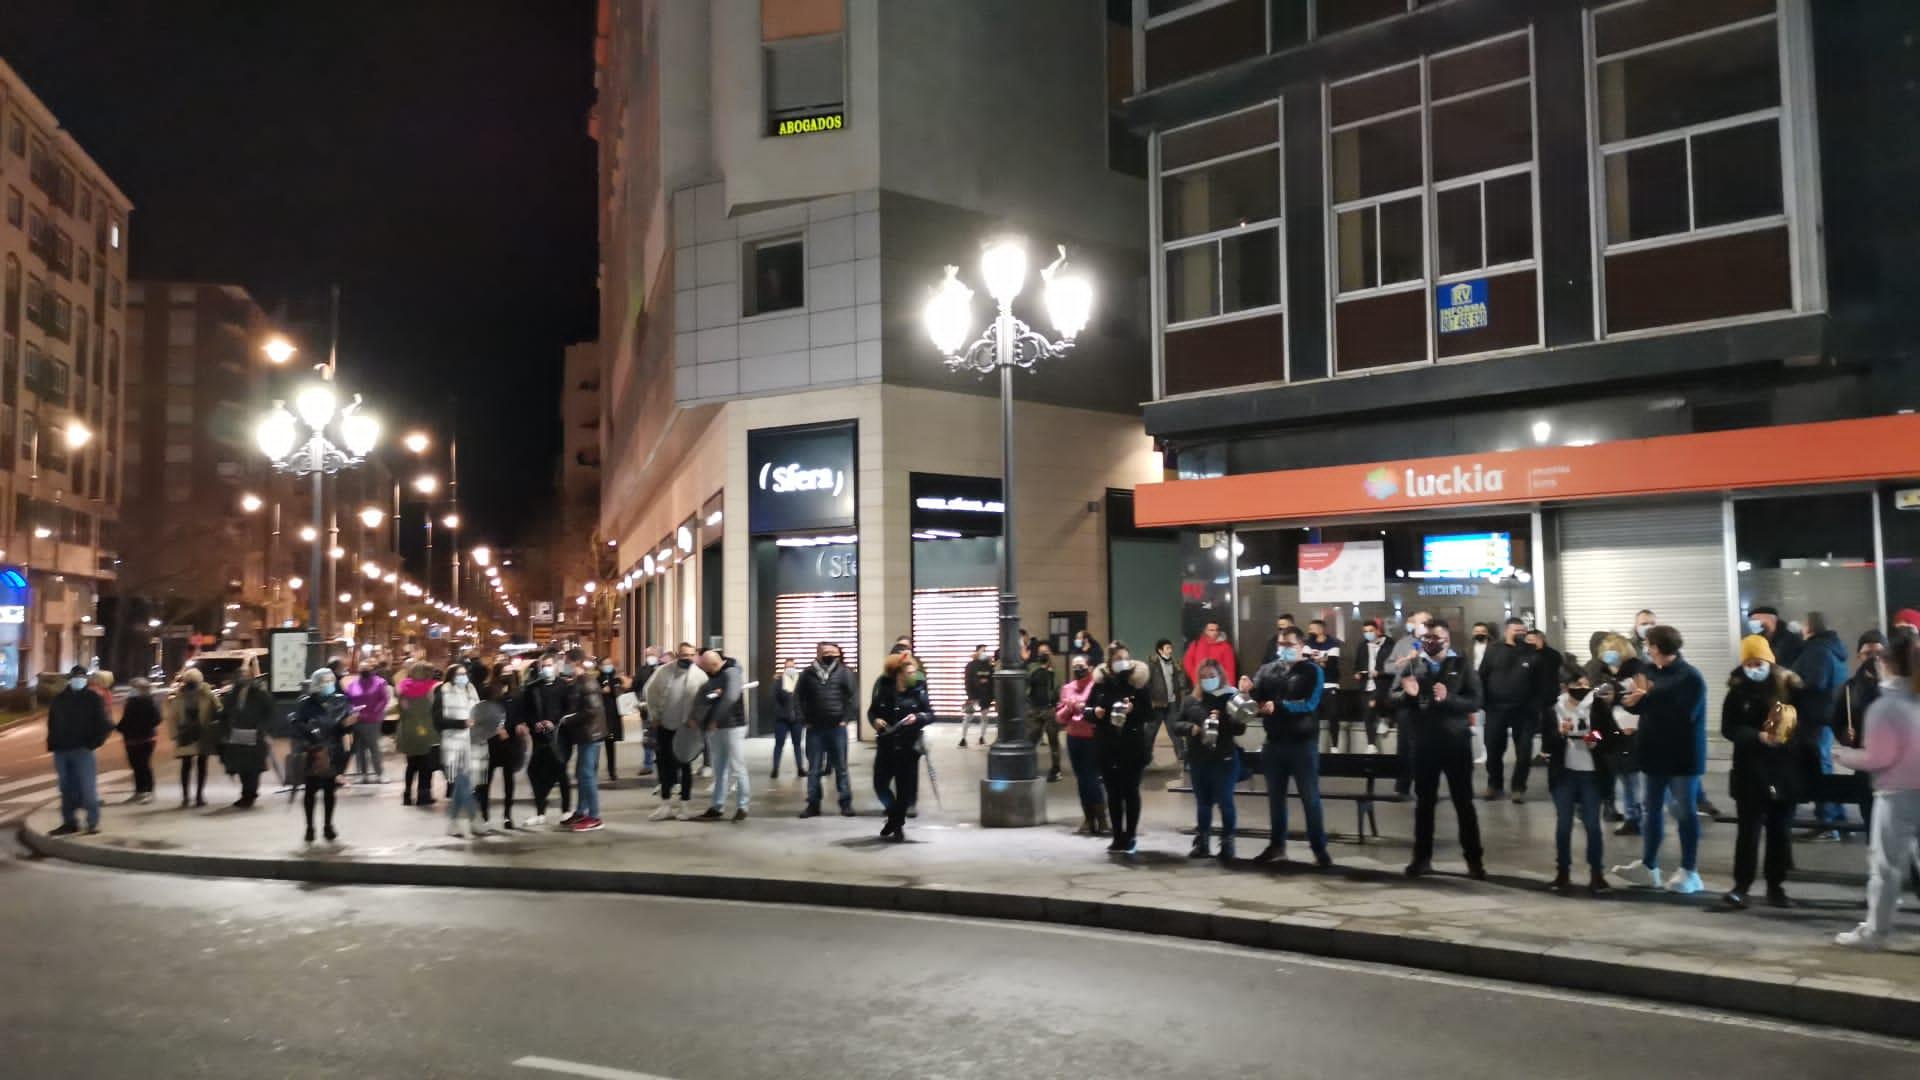 La hostelería berciana pide 'a cacerola limpia' la extensión del horario de cierre hasta el toque de queda 1